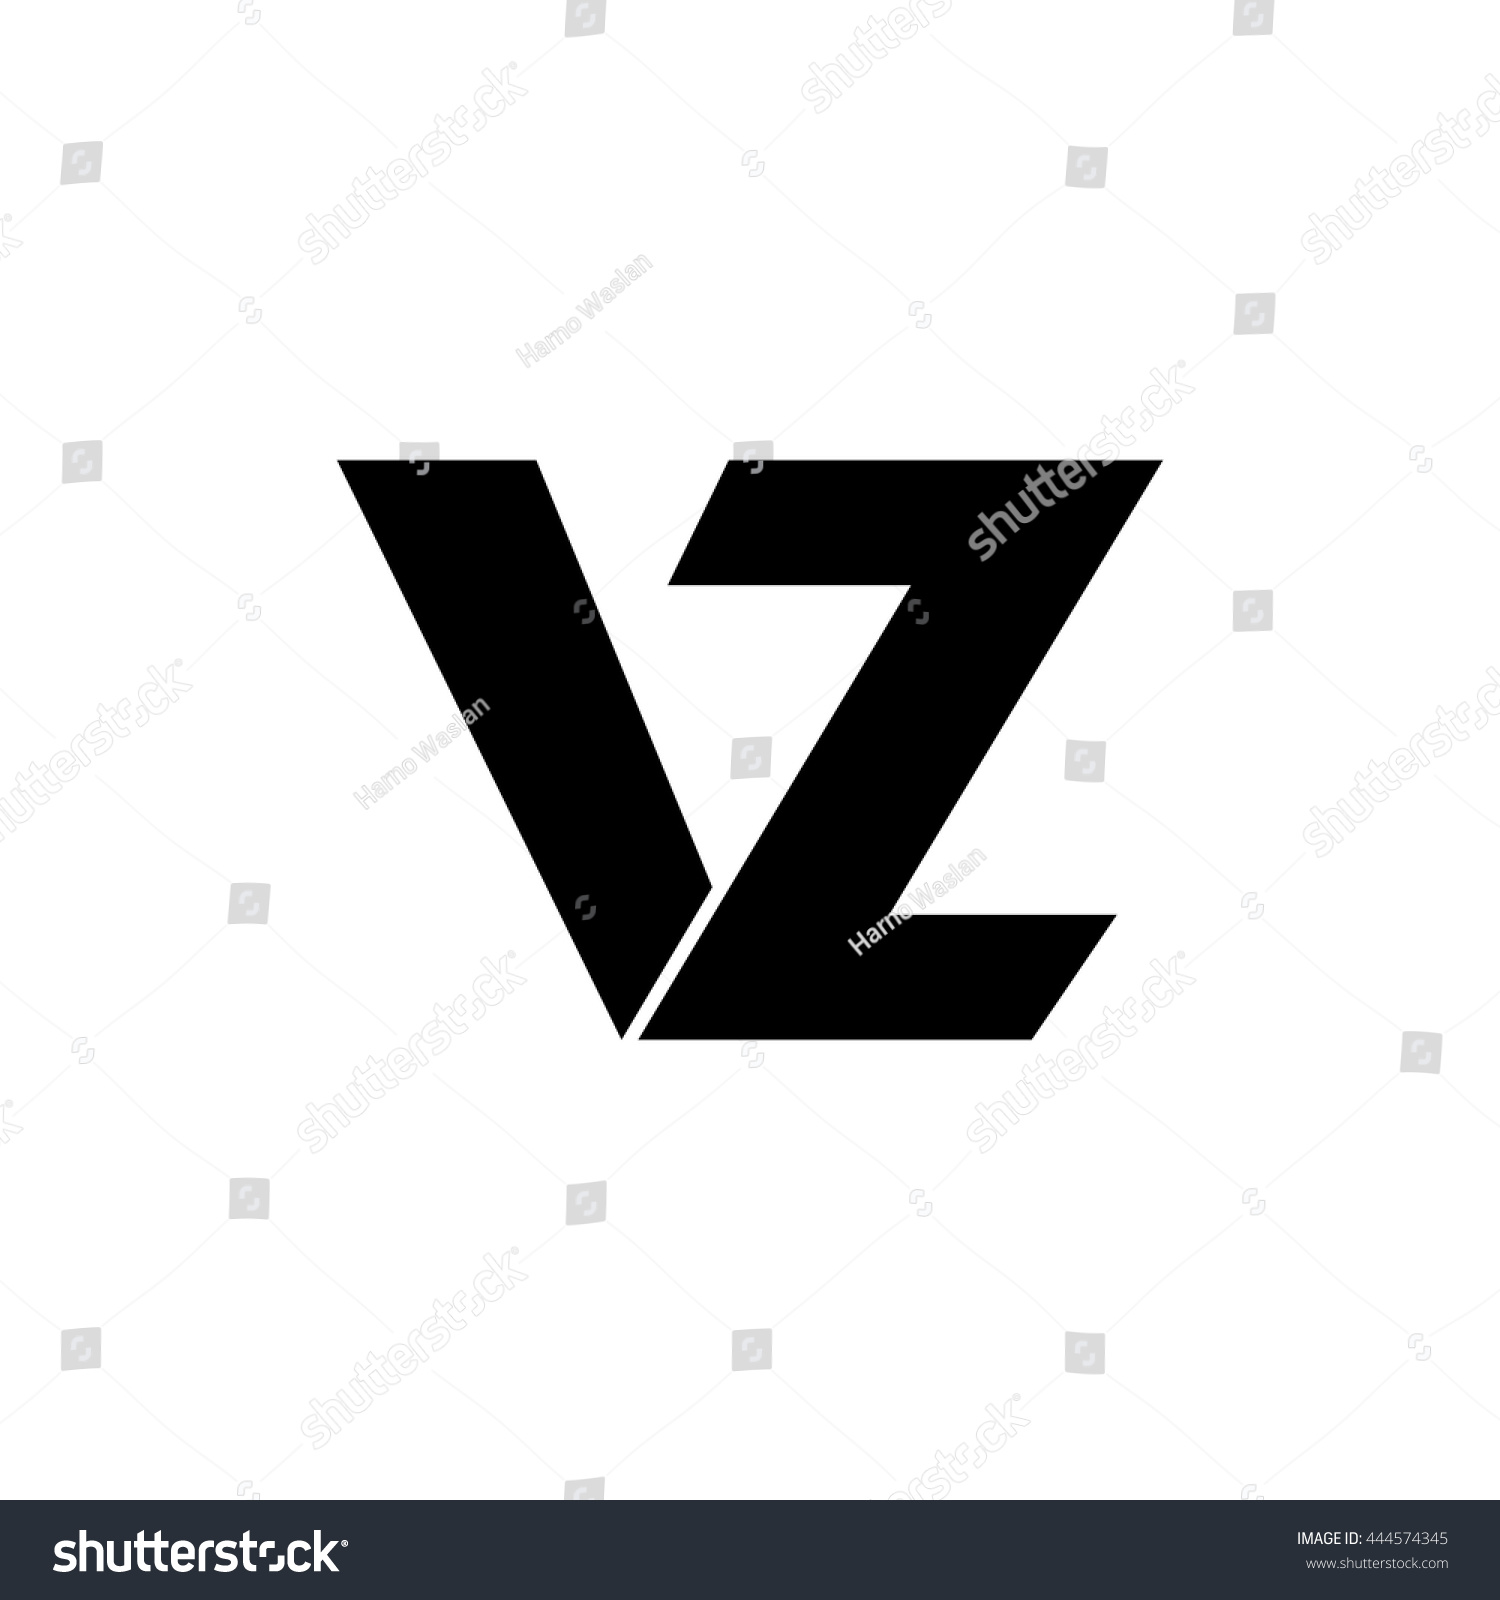 Vz letter vector logo stock vector 444574345 shutterstock vz letter vector logo biocorpaavc Image collections